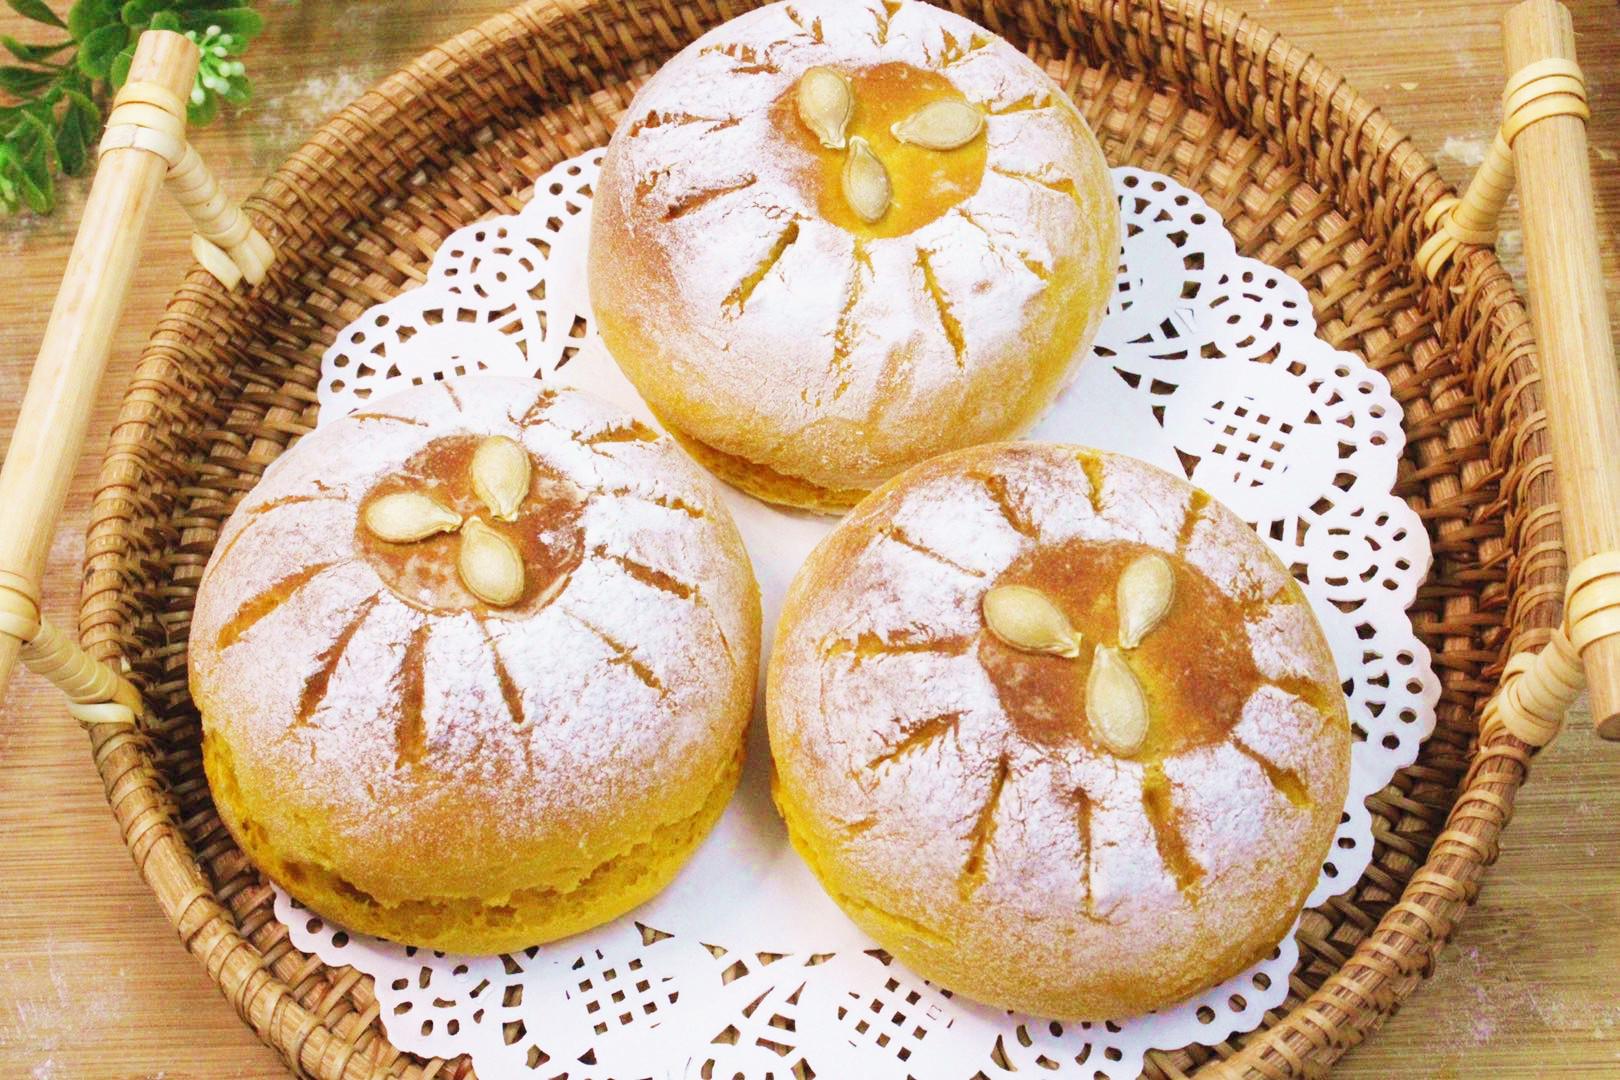 一块南瓜,一碗面粉,教您做超简单的南瓜炼乳欧包,美味还营养